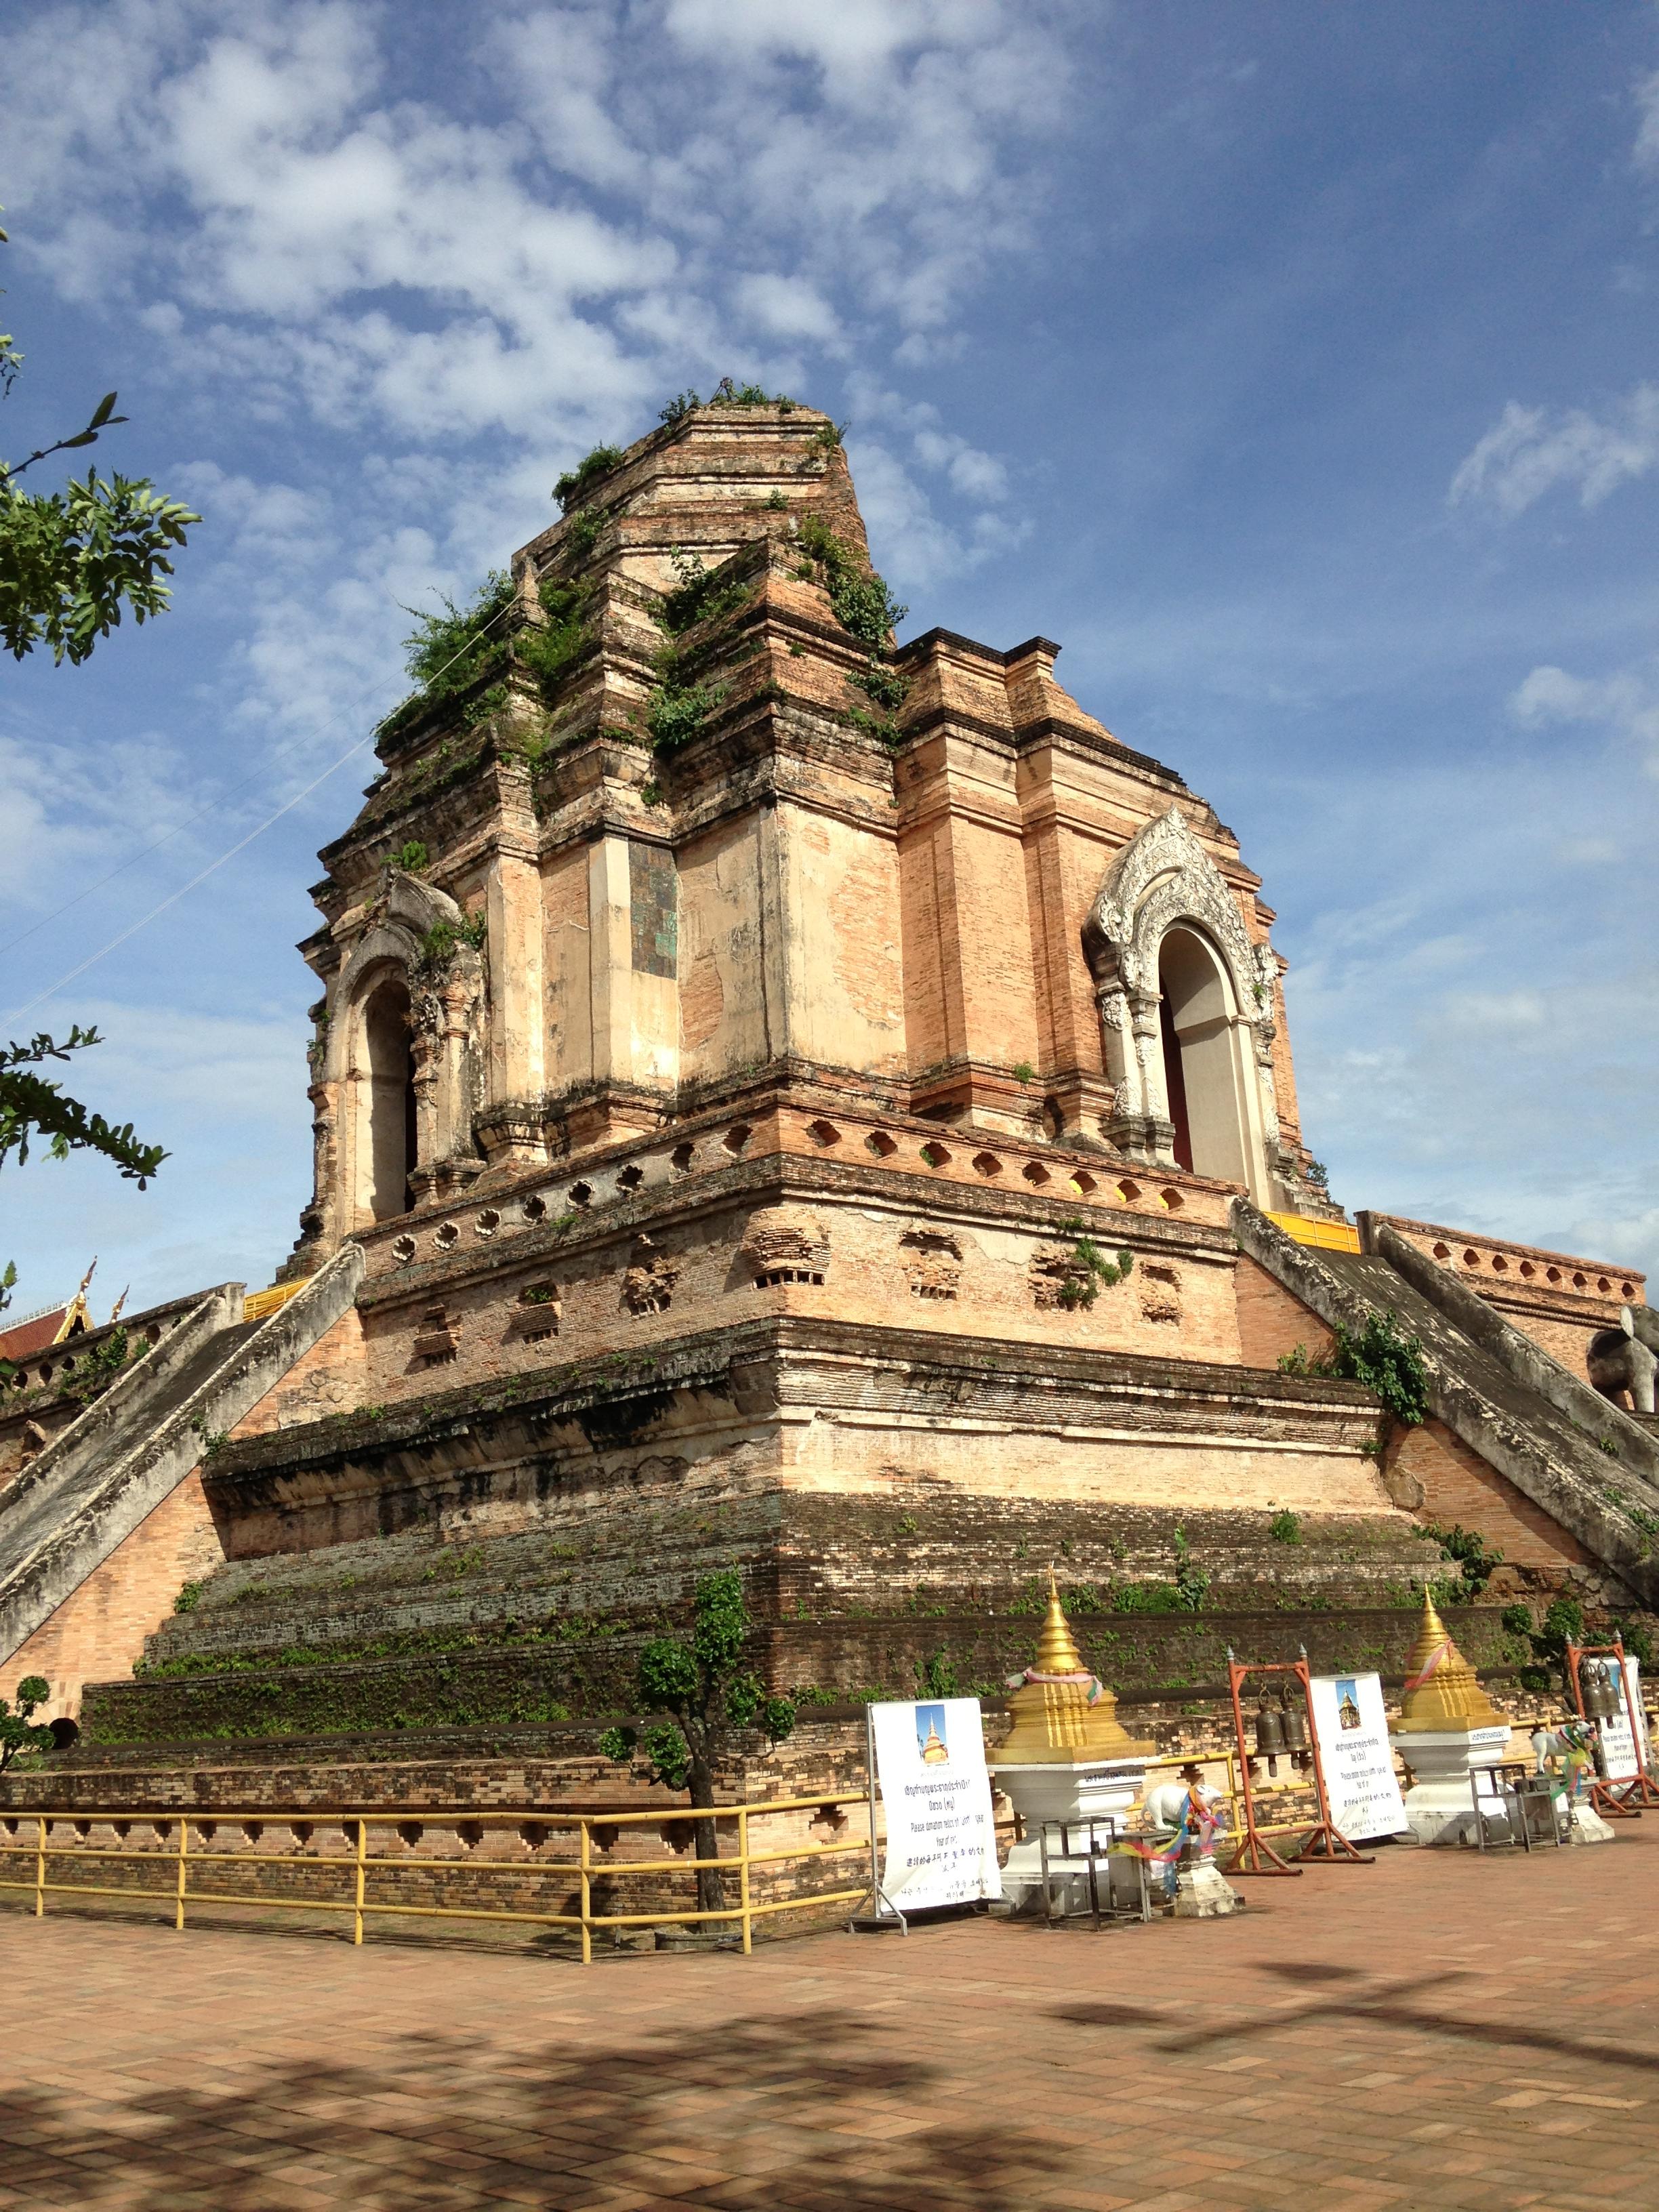 又称大佛塔寺或查里鲁安寺